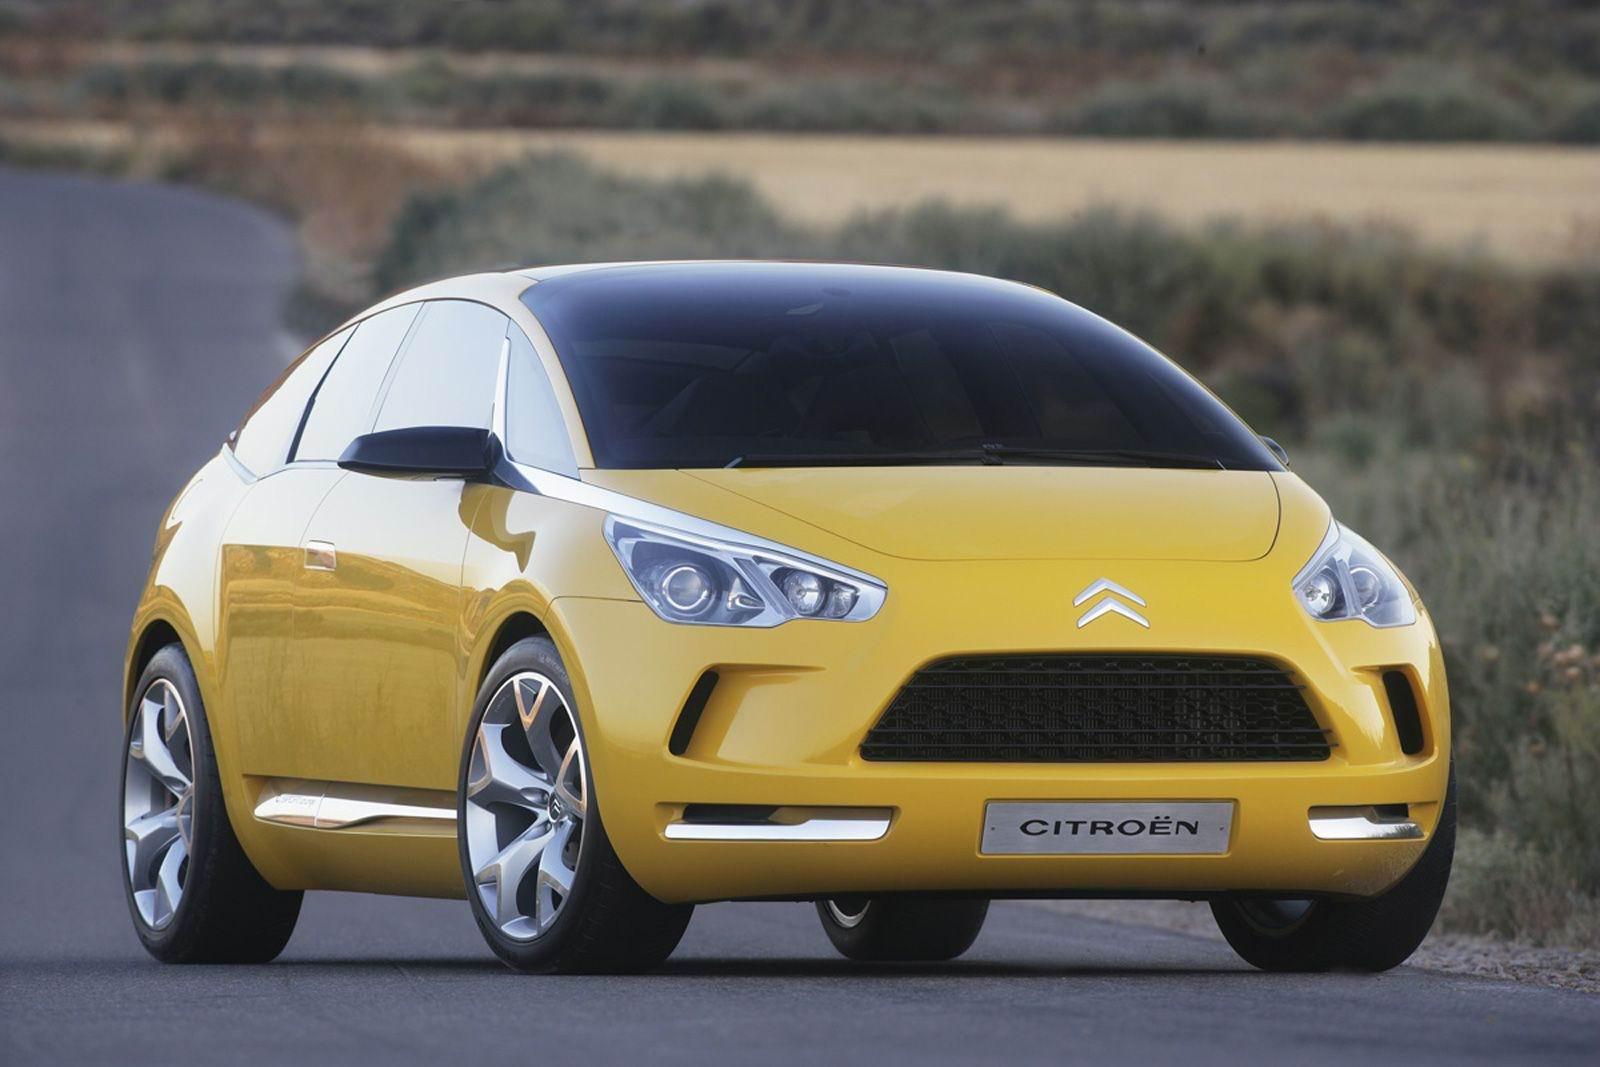 Купить автомобиль Citroen в России можно будет через интернет-магазин